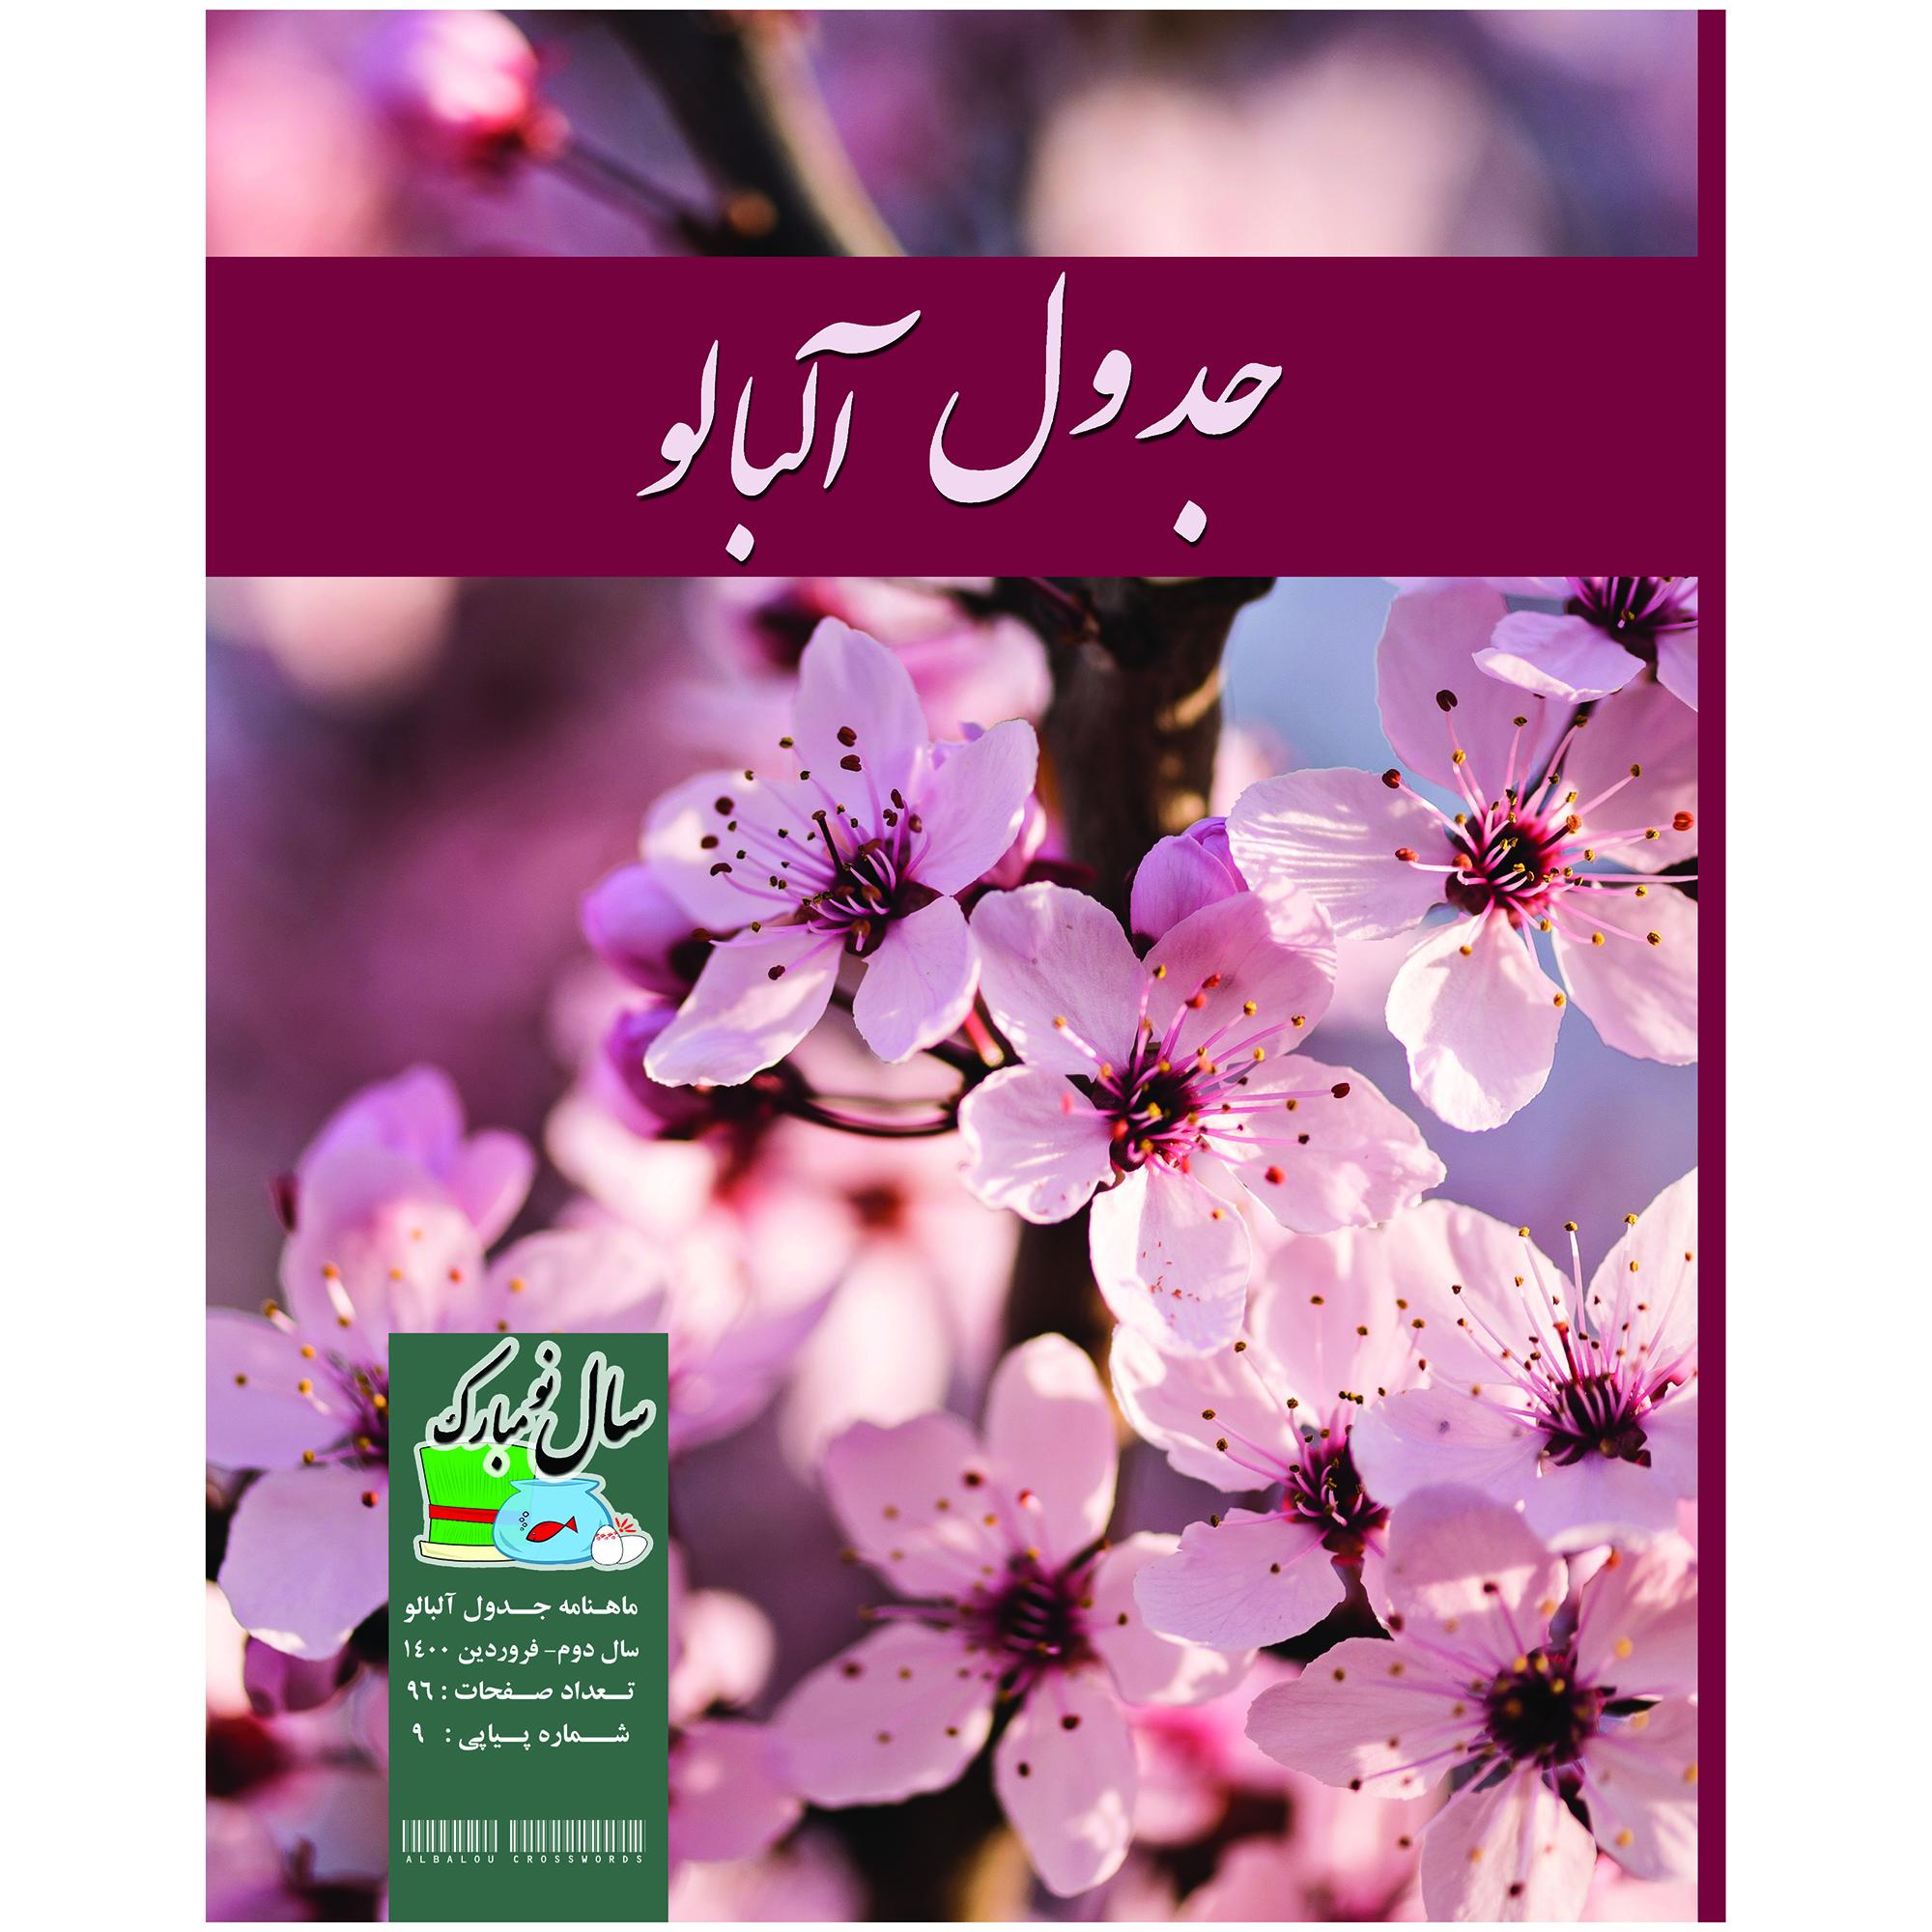 ماهنامه جدول و سرگرمی آلبالو شماره 9